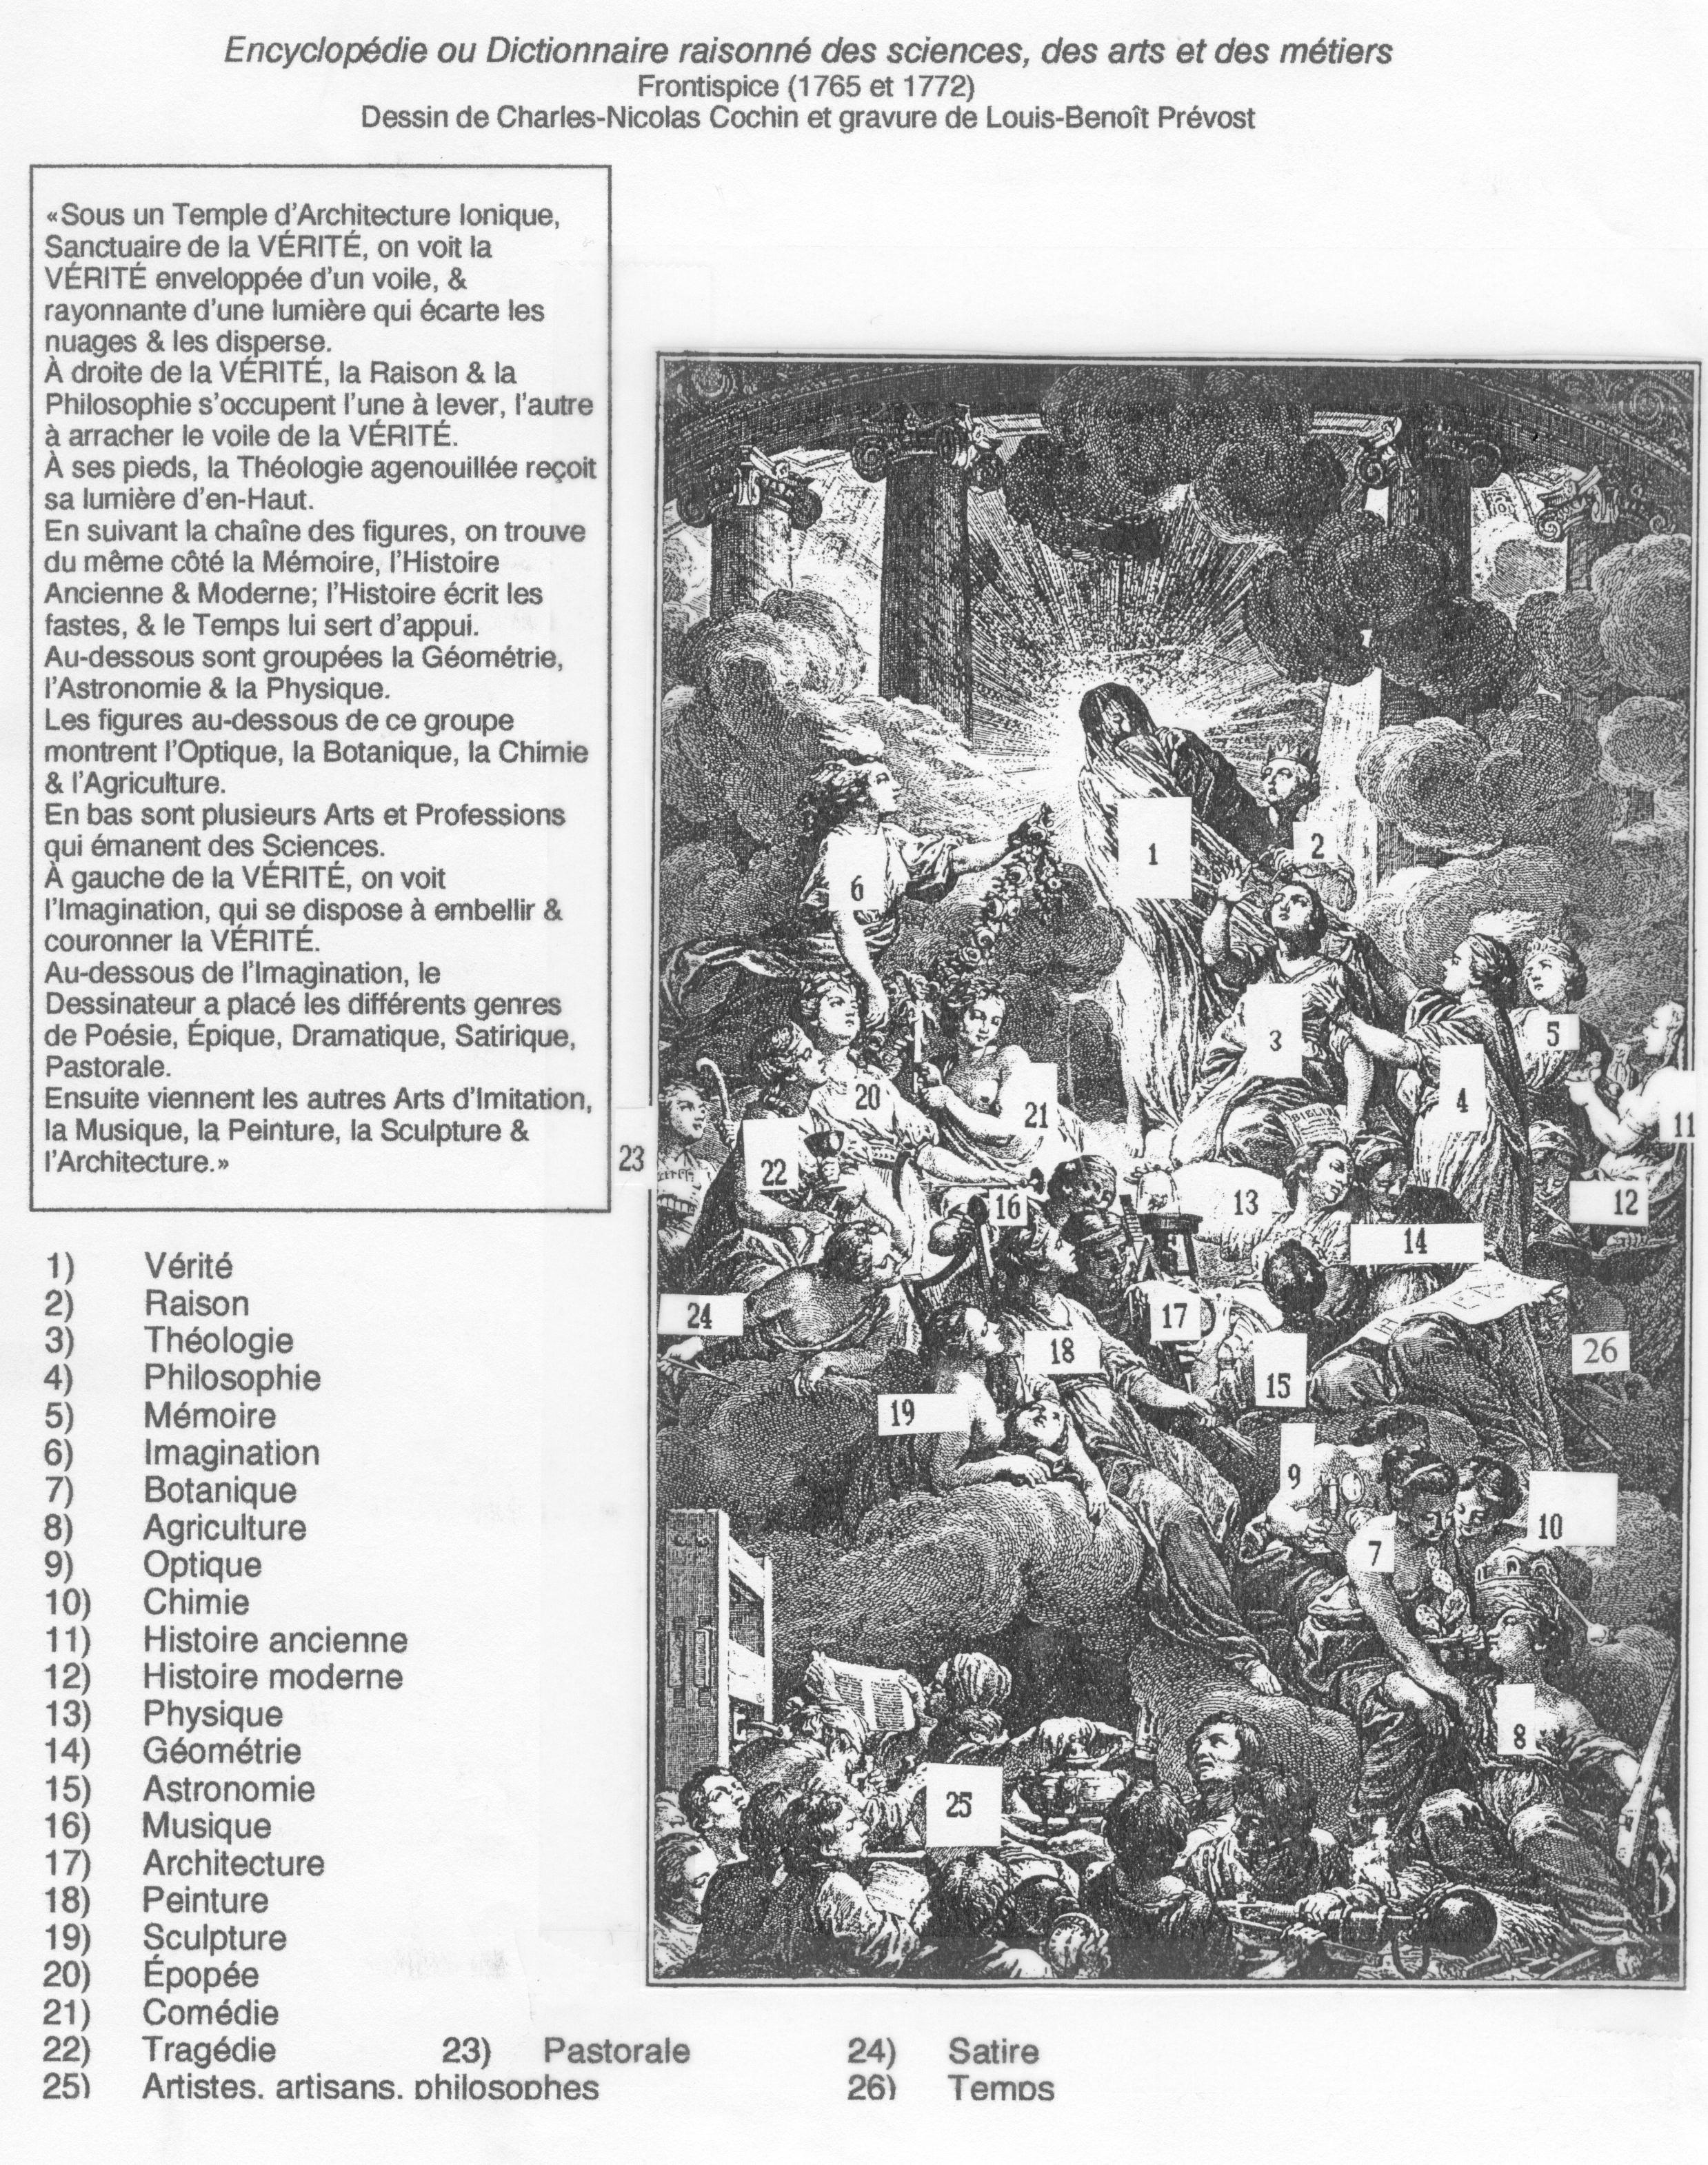 Frontispice de l'Encyclopédie -- Liste des figures